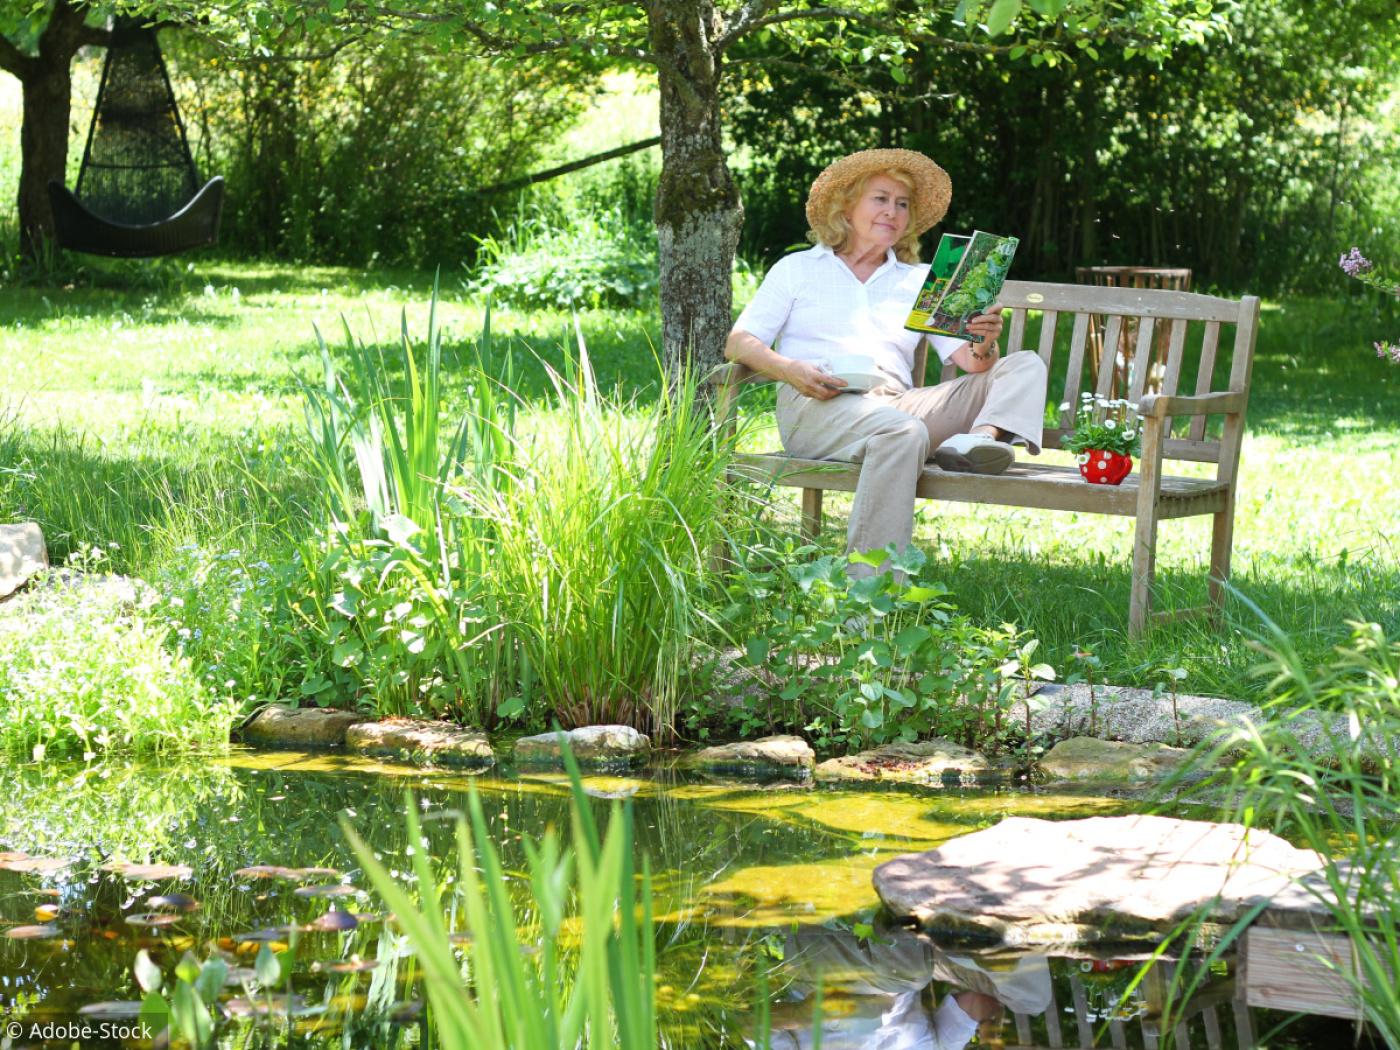 Mon Jardin Anti-Tique encequiconcerne Abonnement Mon Jardin Ma Maison